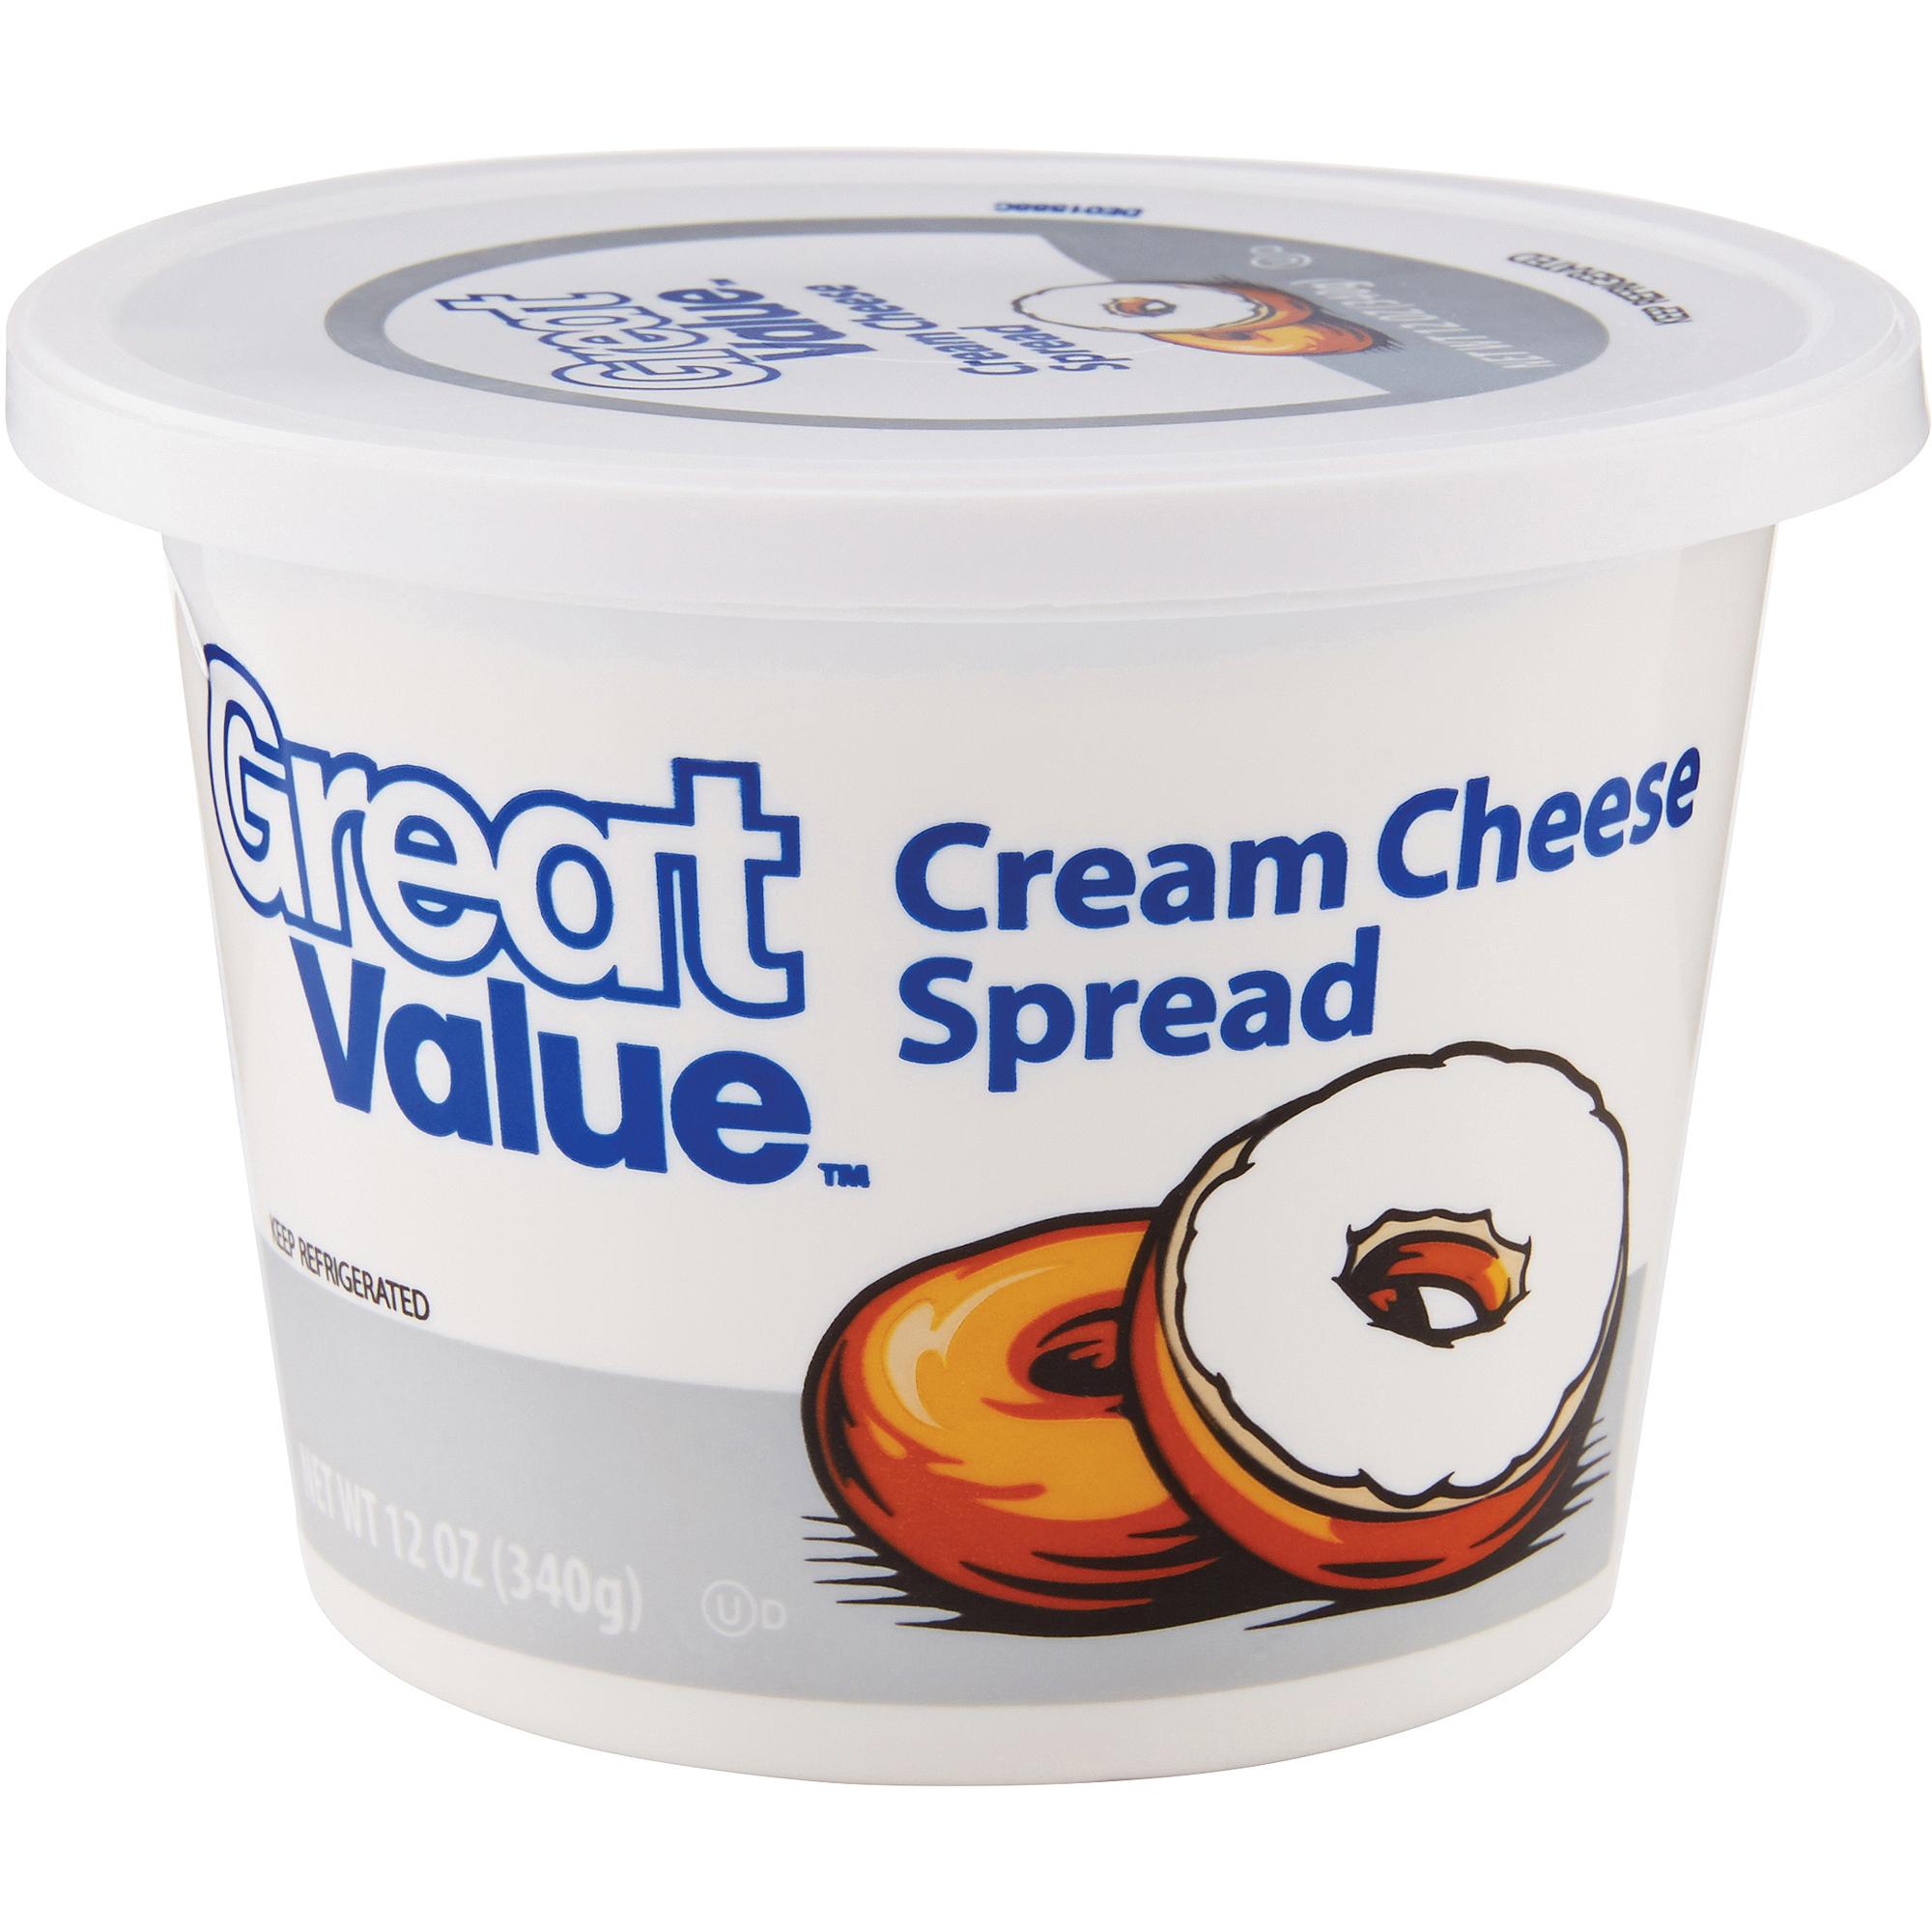 Great Value Cream Cheese Spread, 12 oz